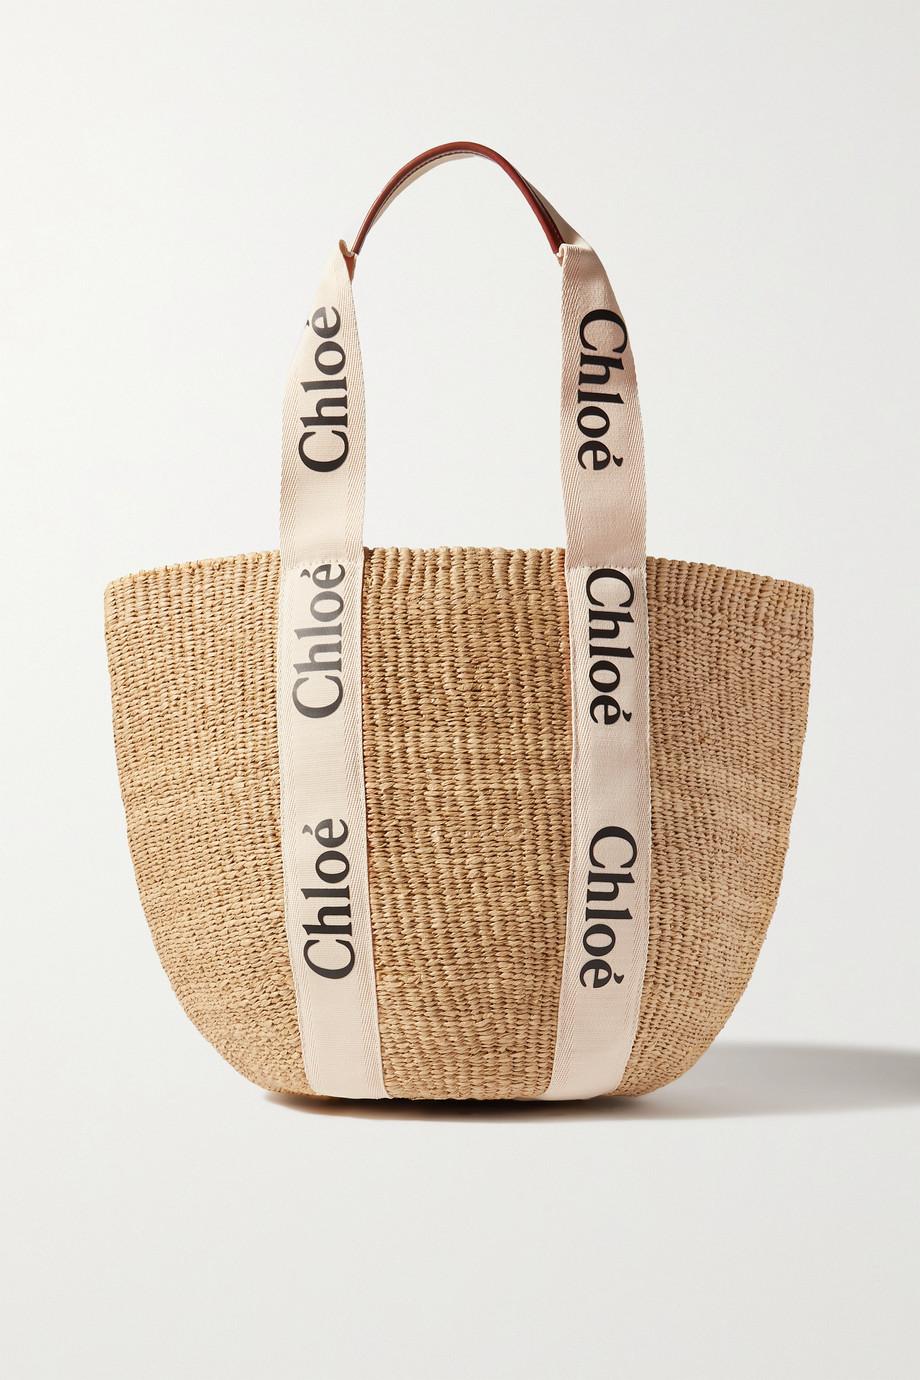 Chloé Woody große Korbtasche aus Raffiabast mit Besätzen aus bedrucktem Canvas und Leder